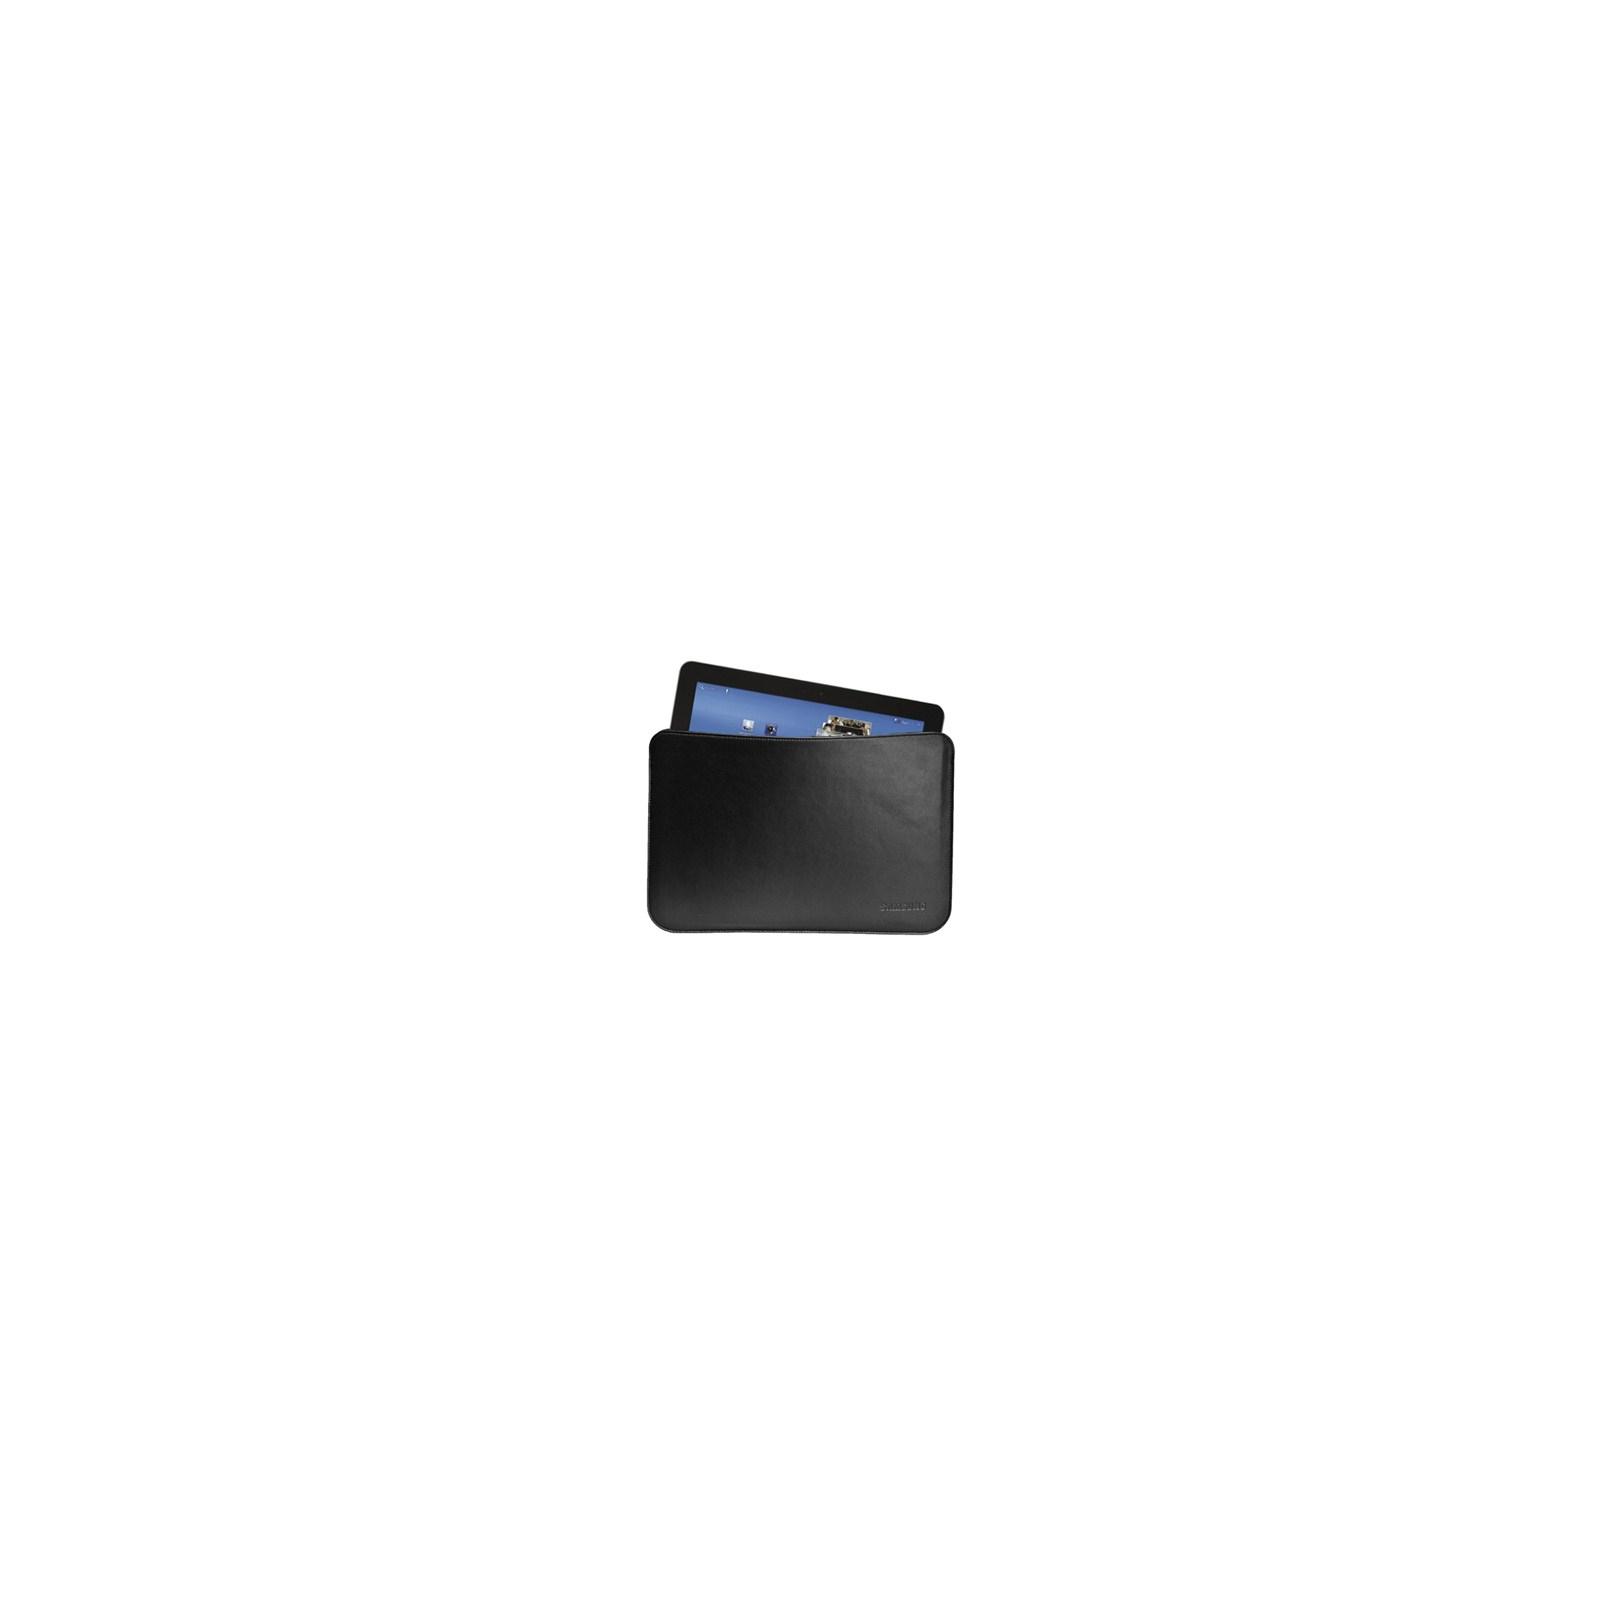 Чехол для планшета Samsung P7300 (EFC-1C9LBECSTD)